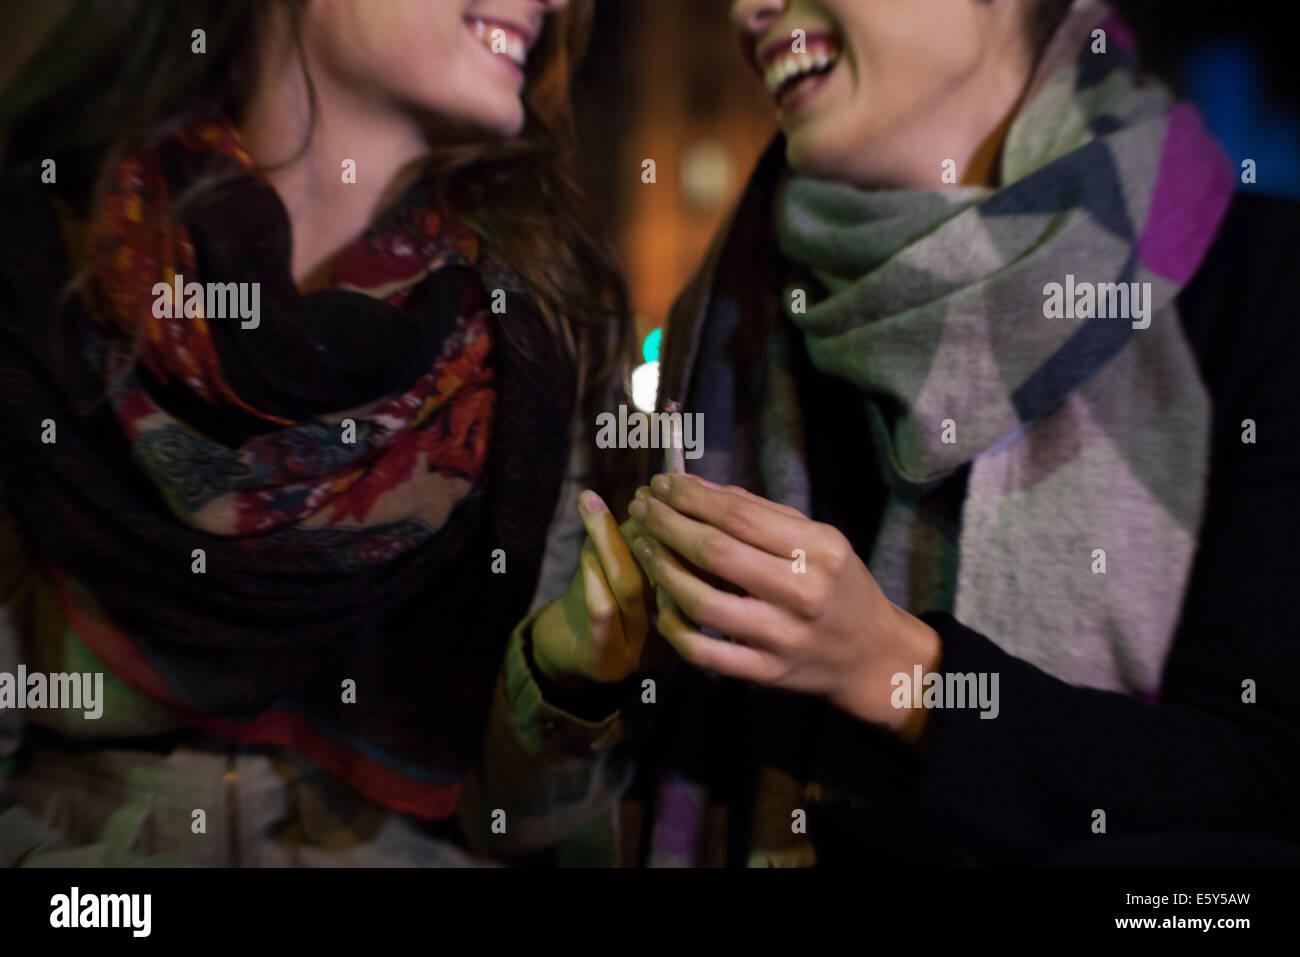 Friends bonding over cigarette - Stock Image